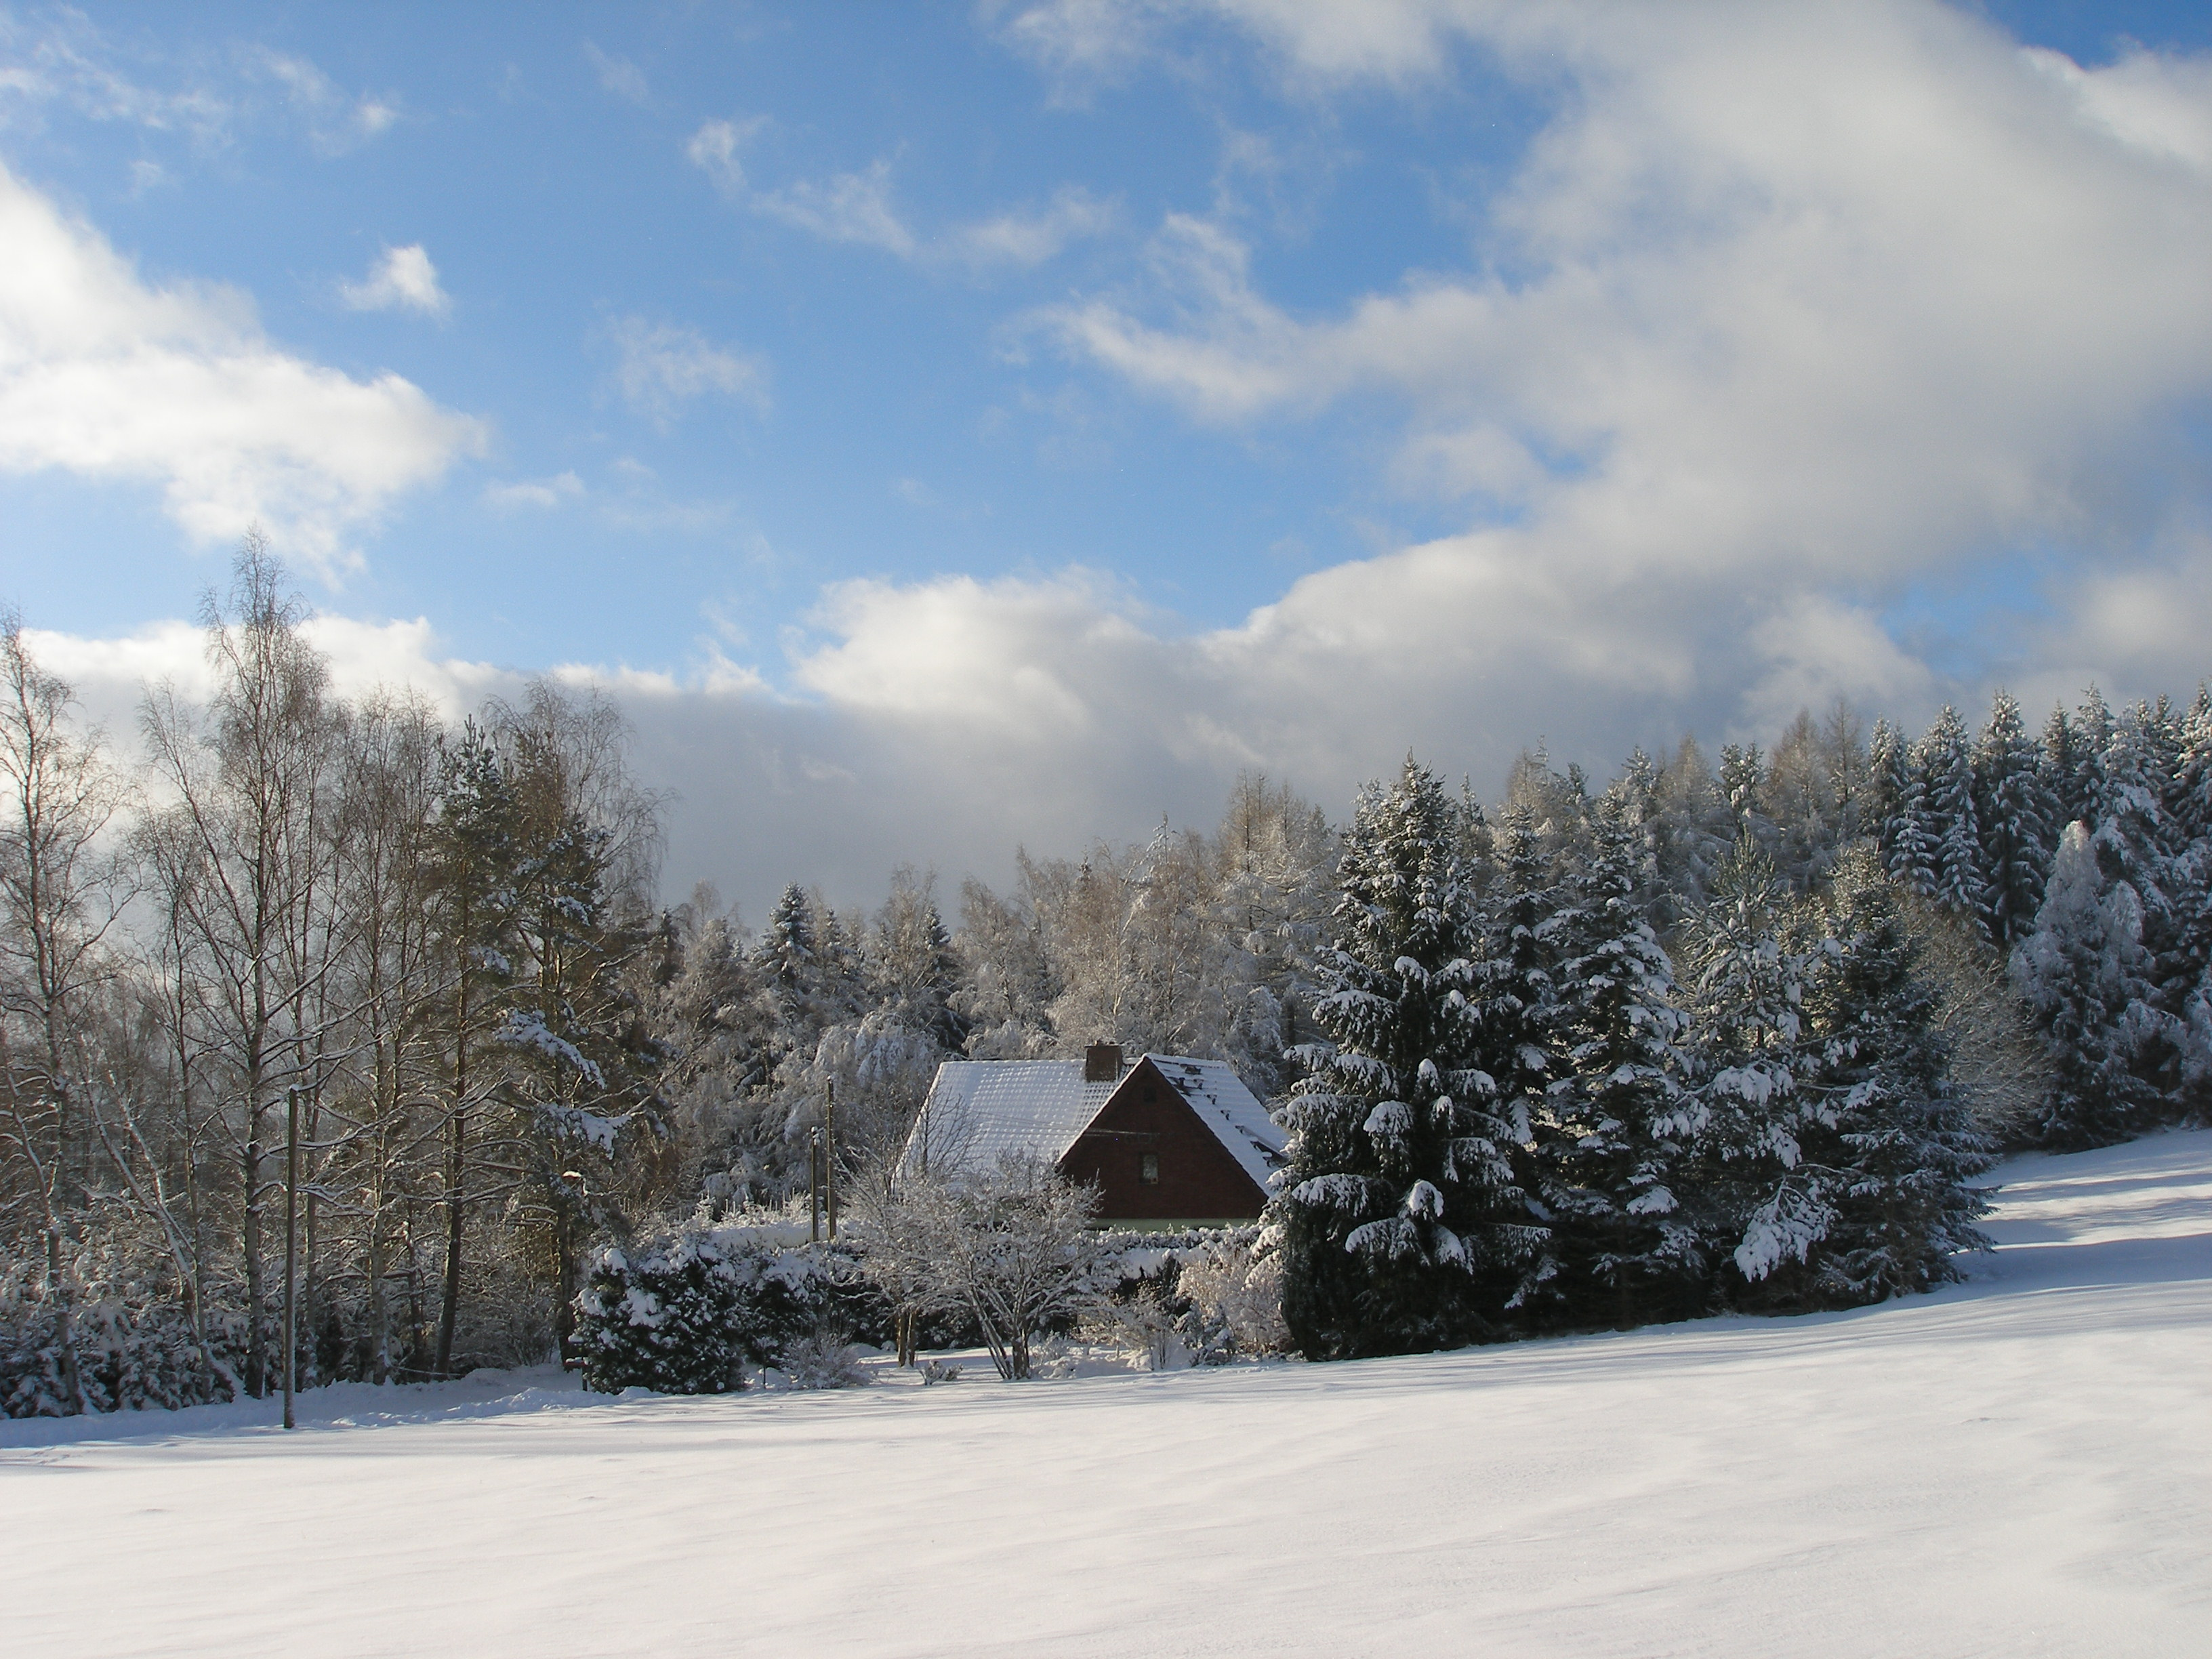 Winter in Papstleithen